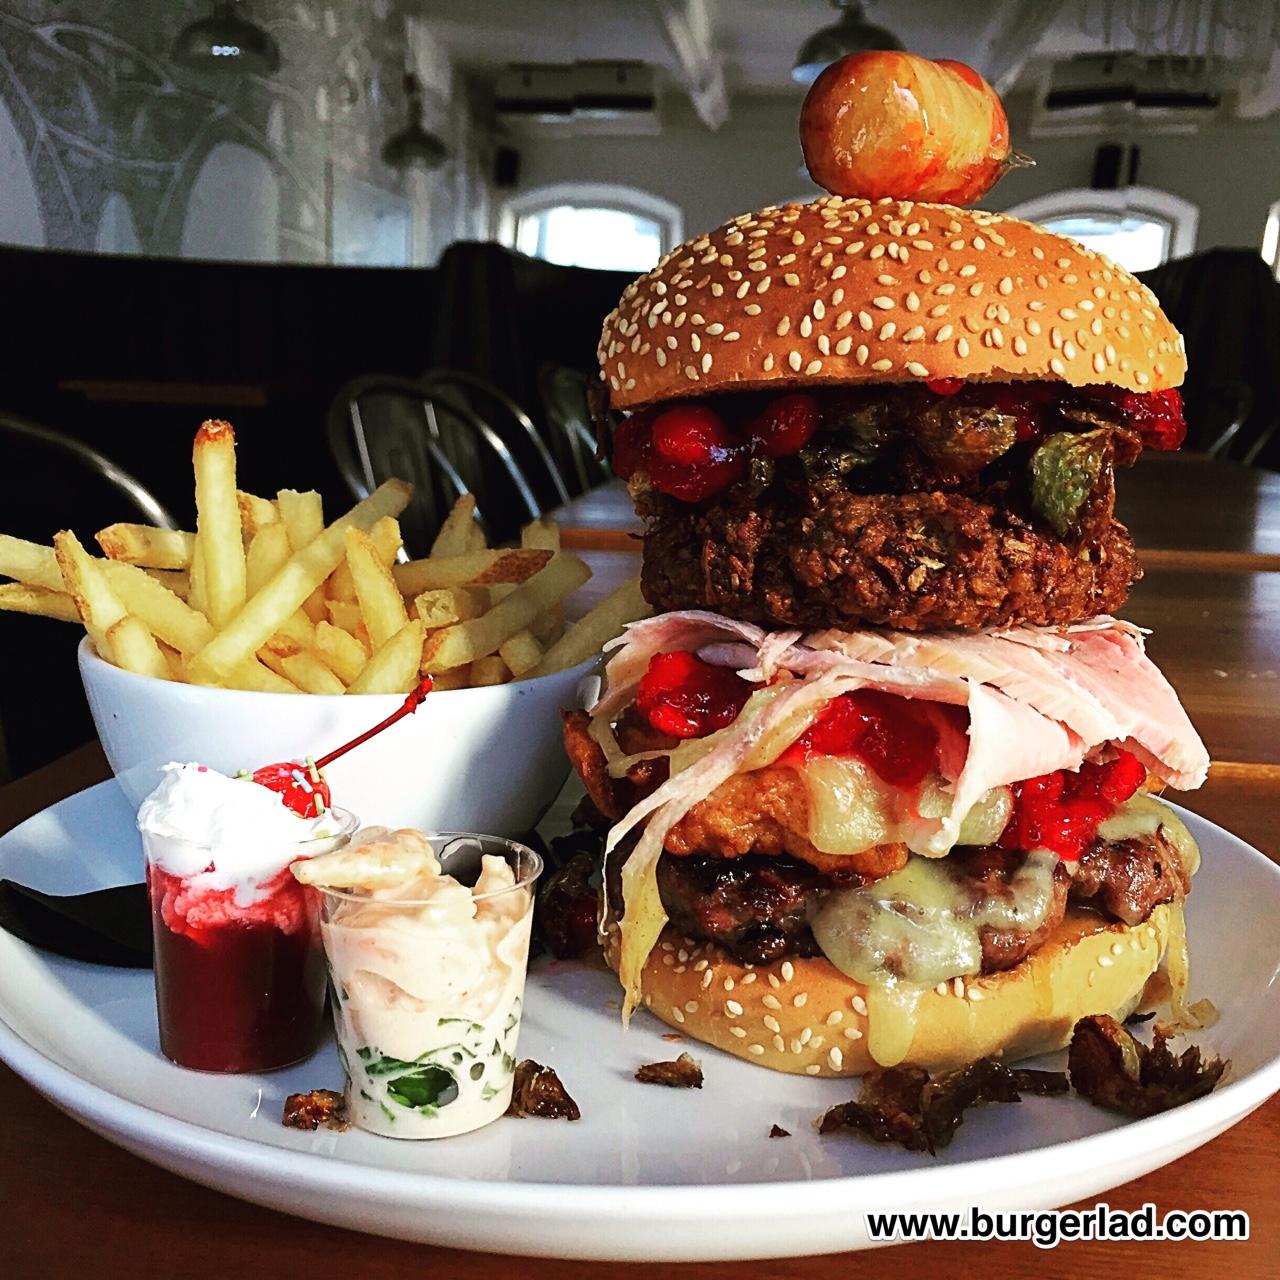 Solita Christmas Burger 2016 Review